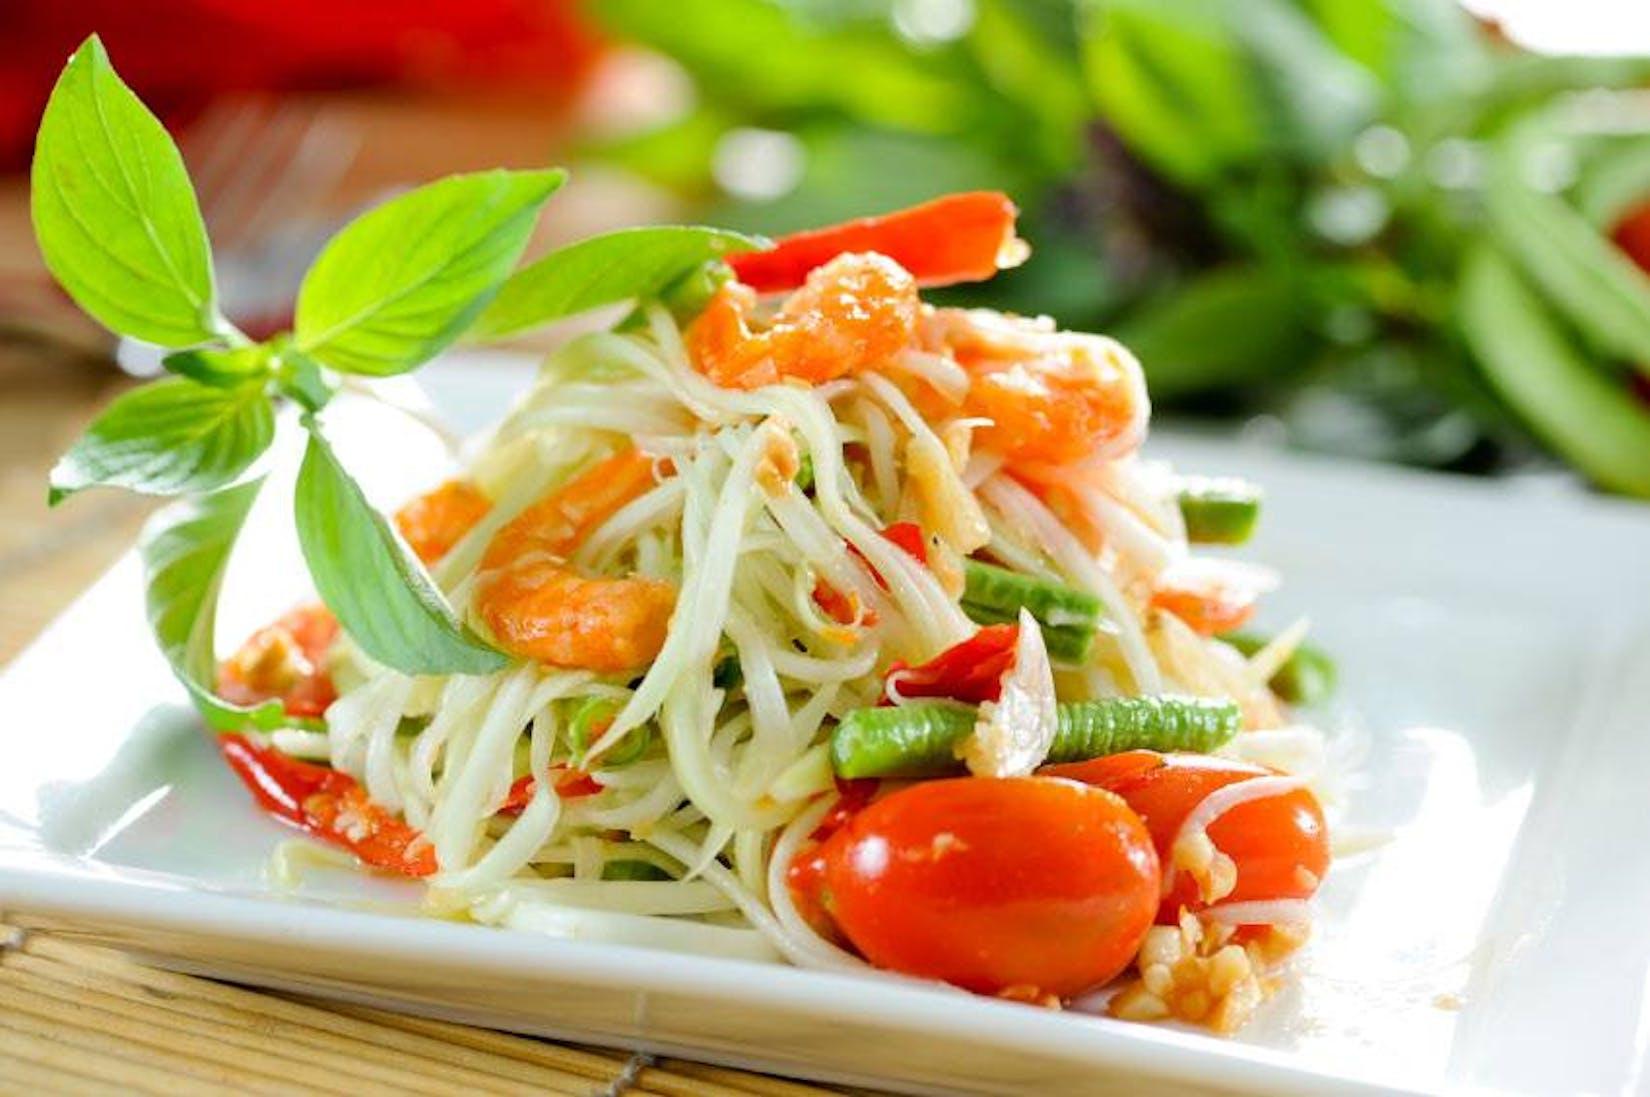 Pattaya Thai Restaurant | yathar